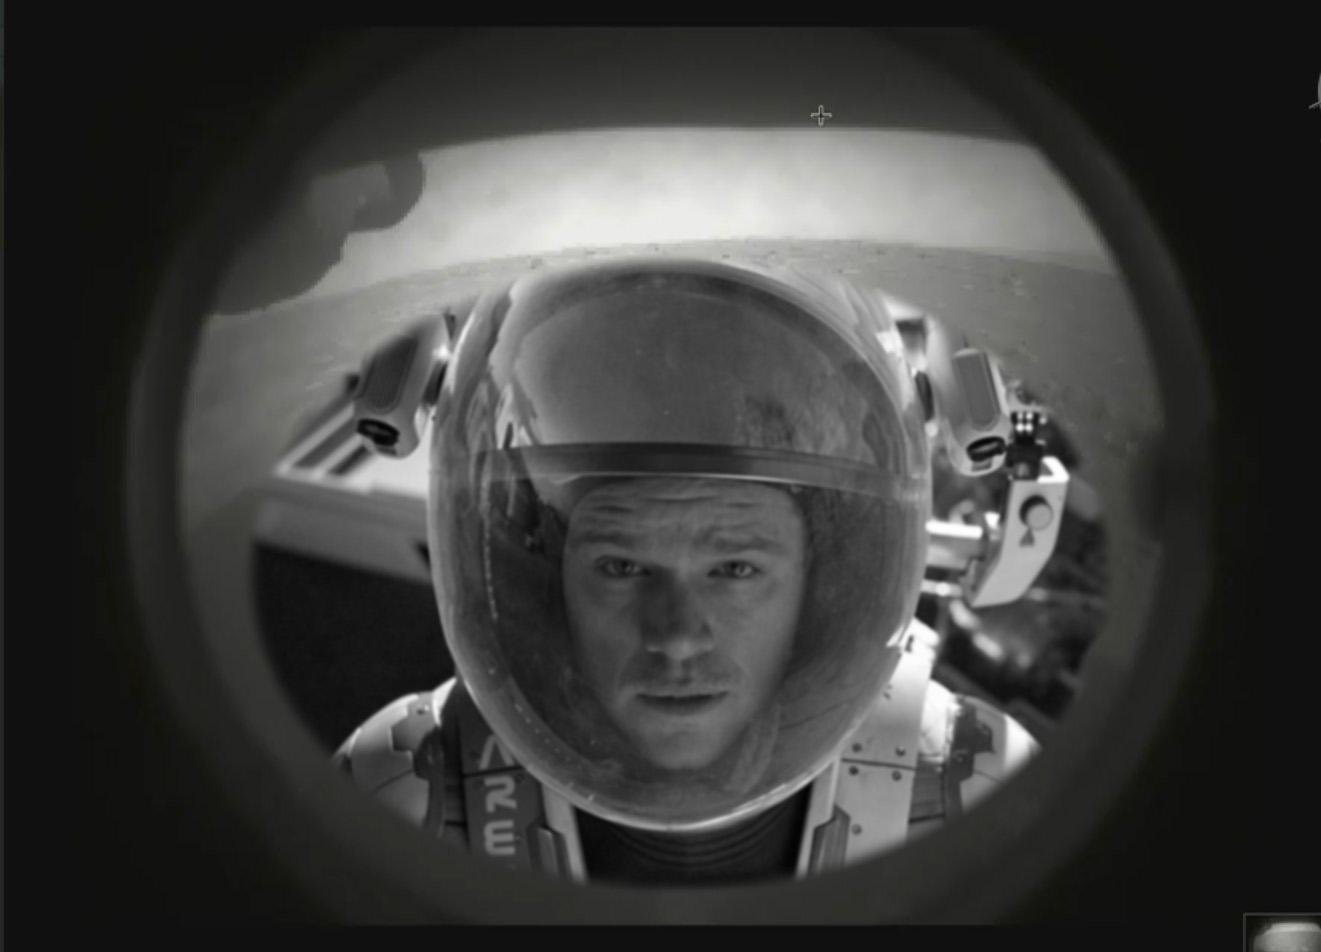 Twitter Can't Stop Making Matt Damon Jokes After NASA Lands On Mars